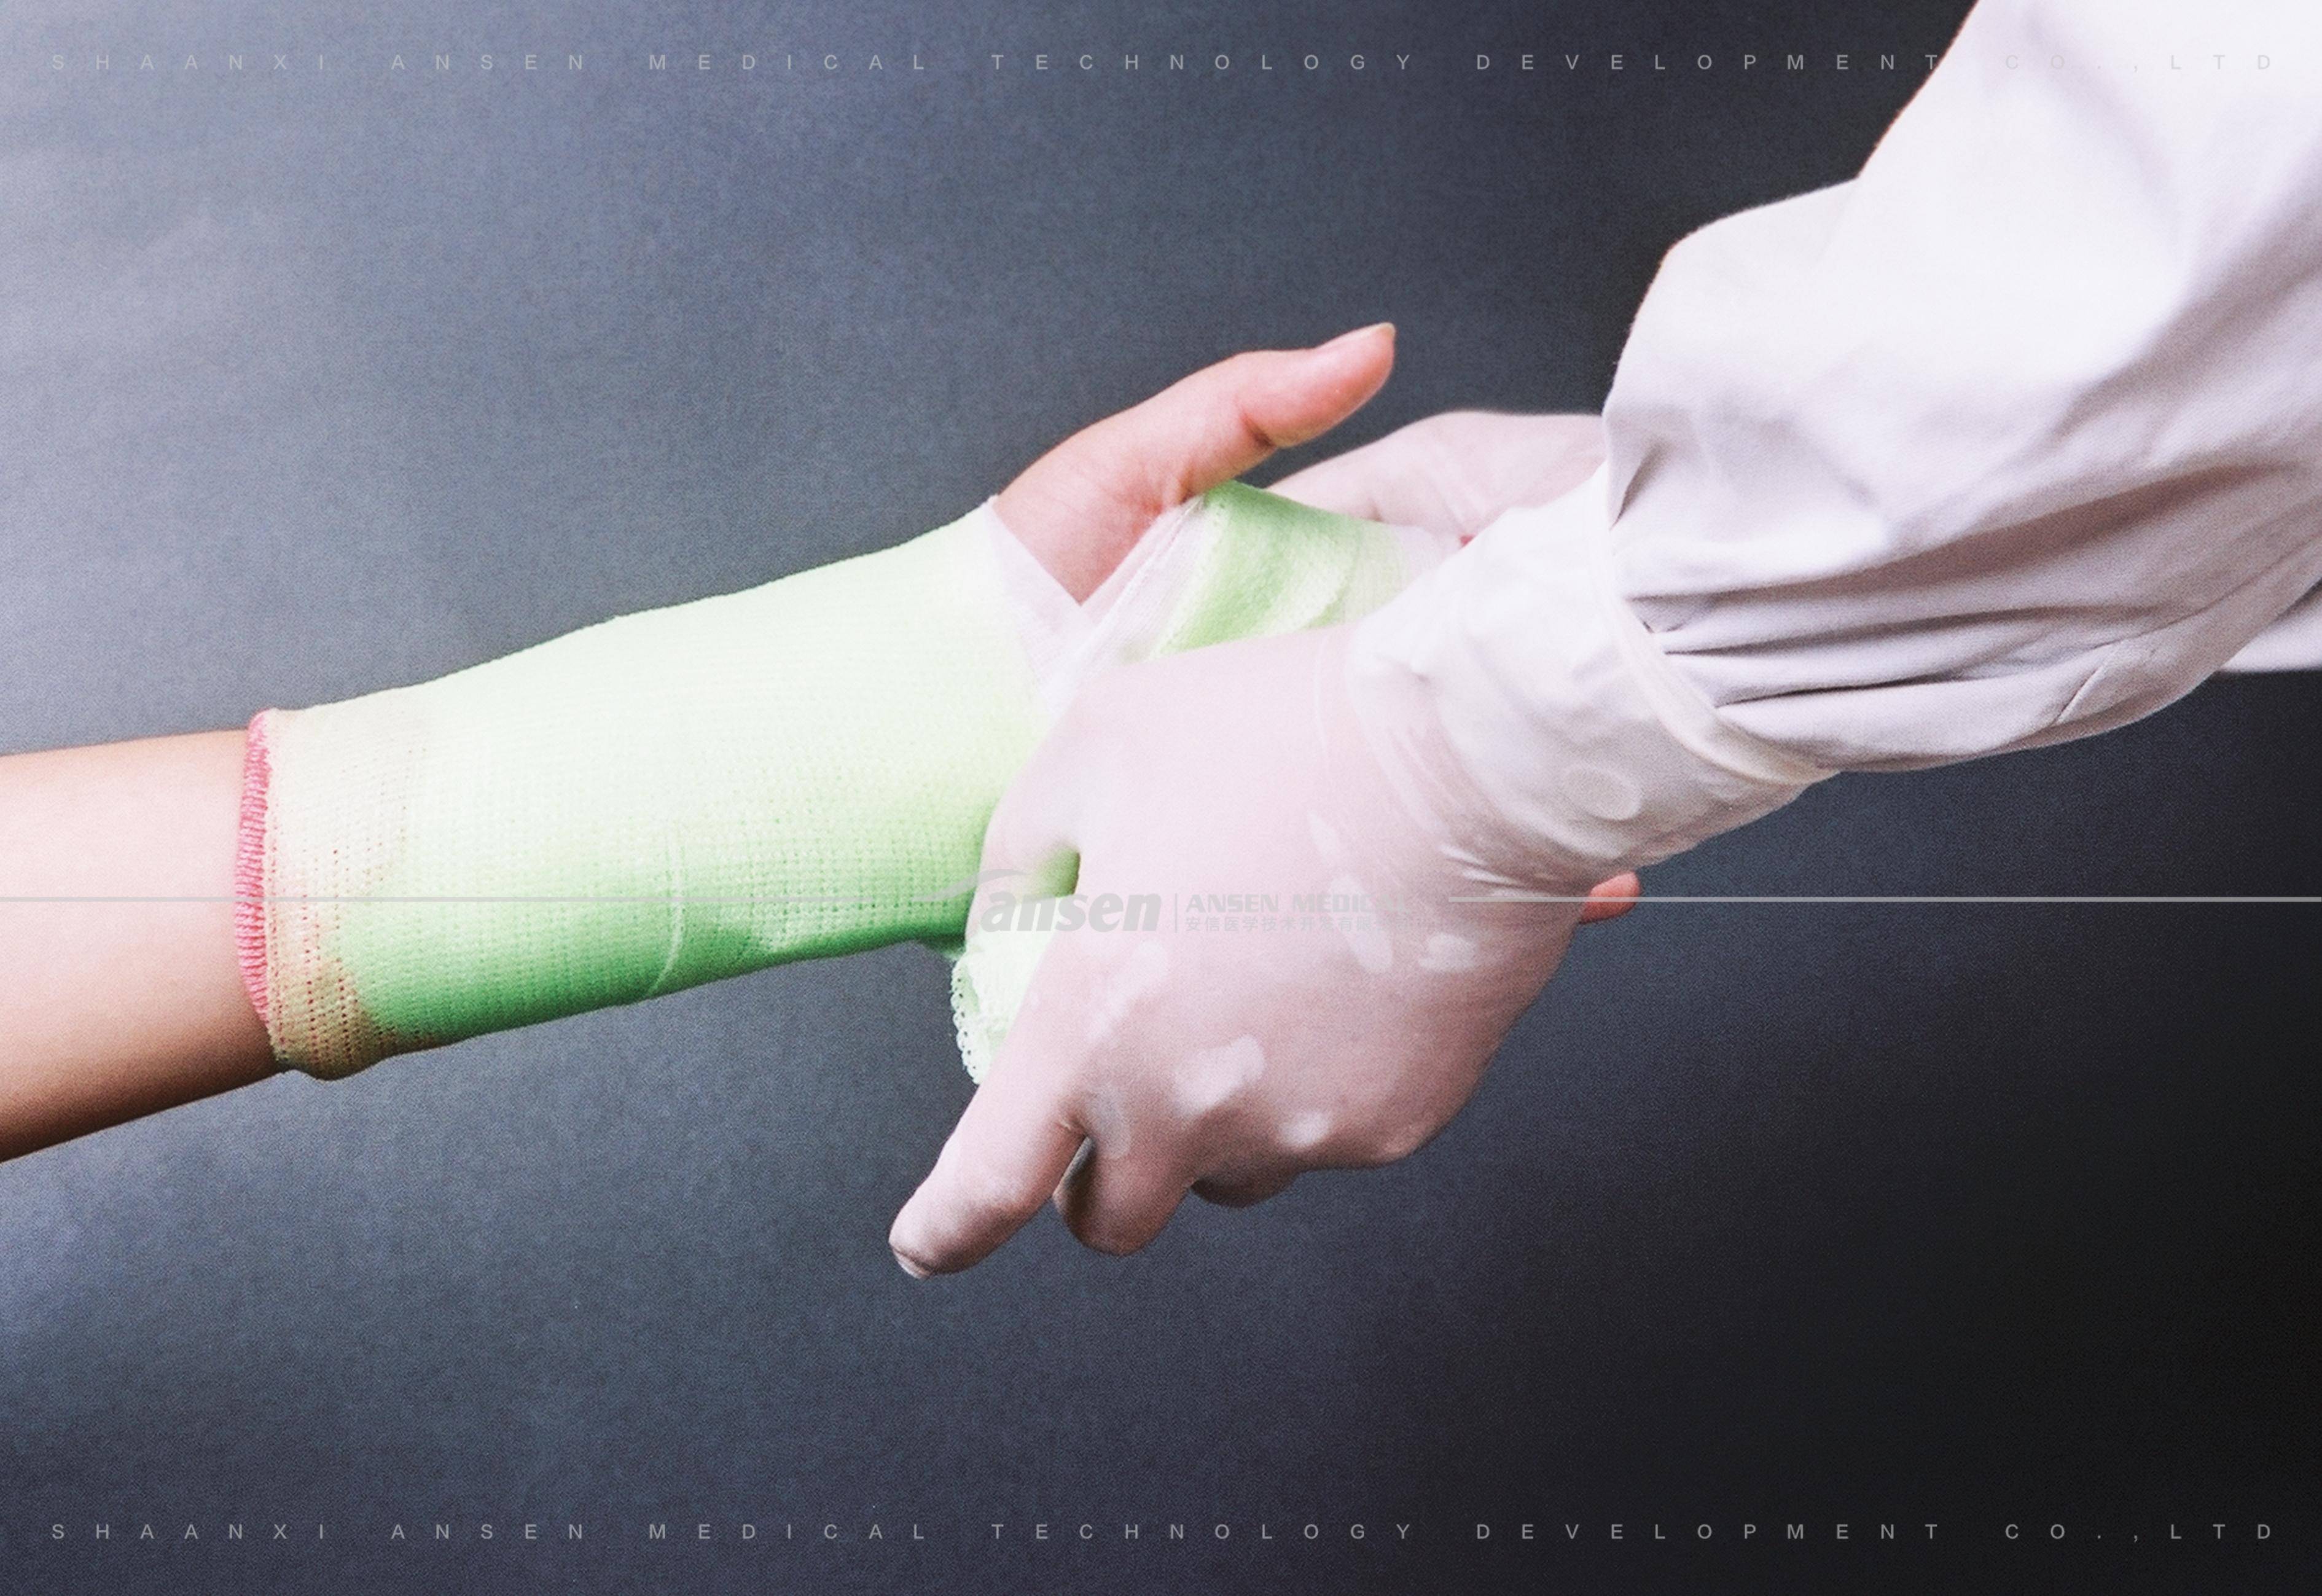 骨折水疱是什么成分组成